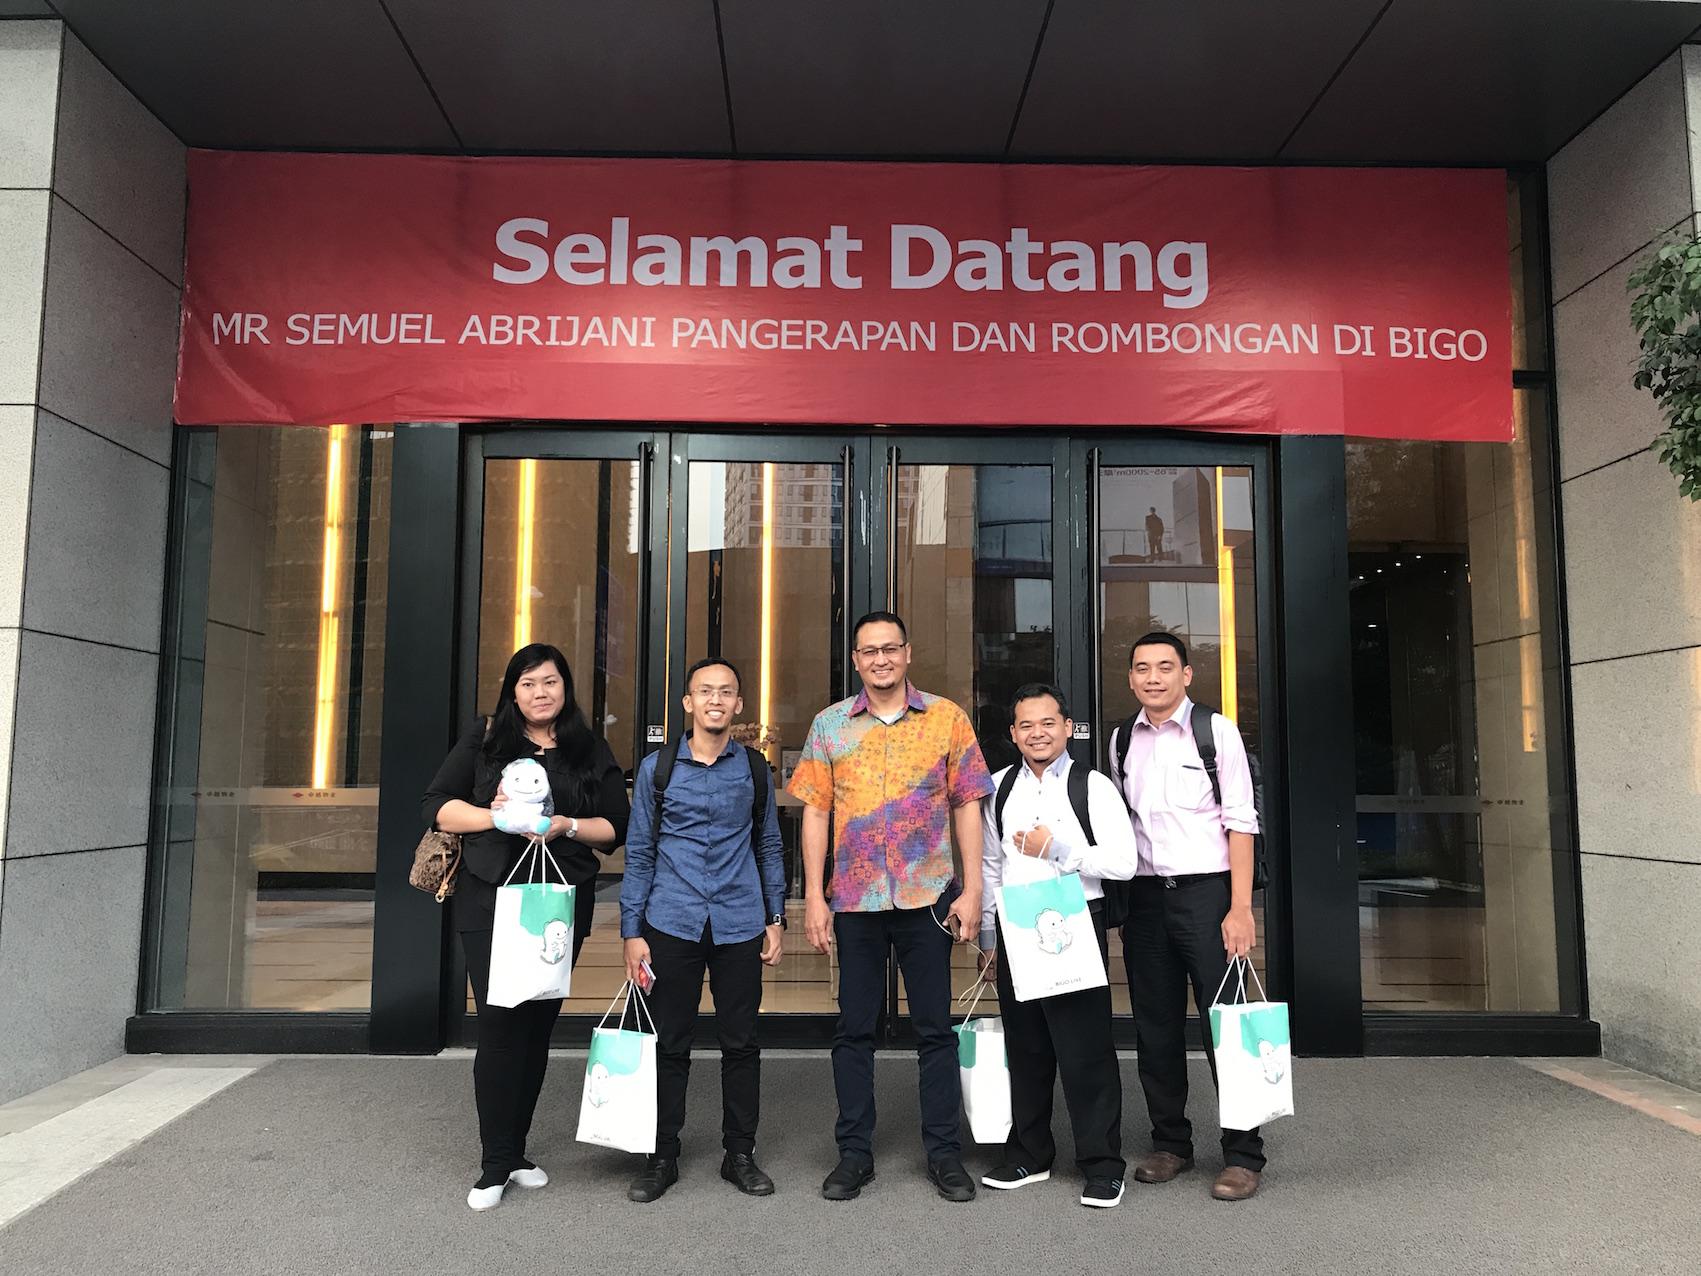 Kementerian Komunikasi dan Informatika RI berkunjung ke Markas BIGO